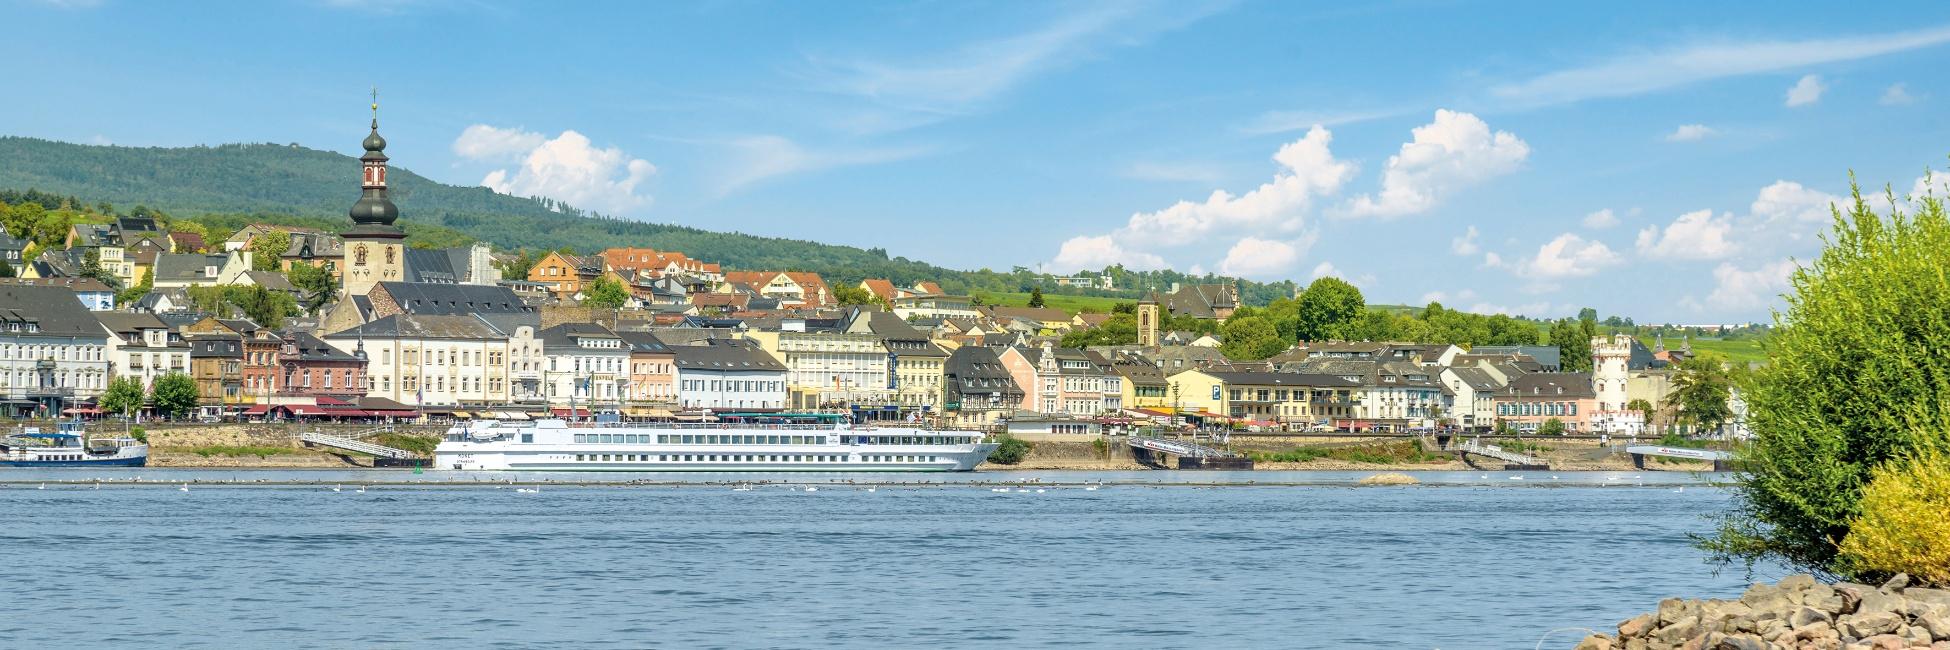 Le MS Monet sur le Rhin et le Danube